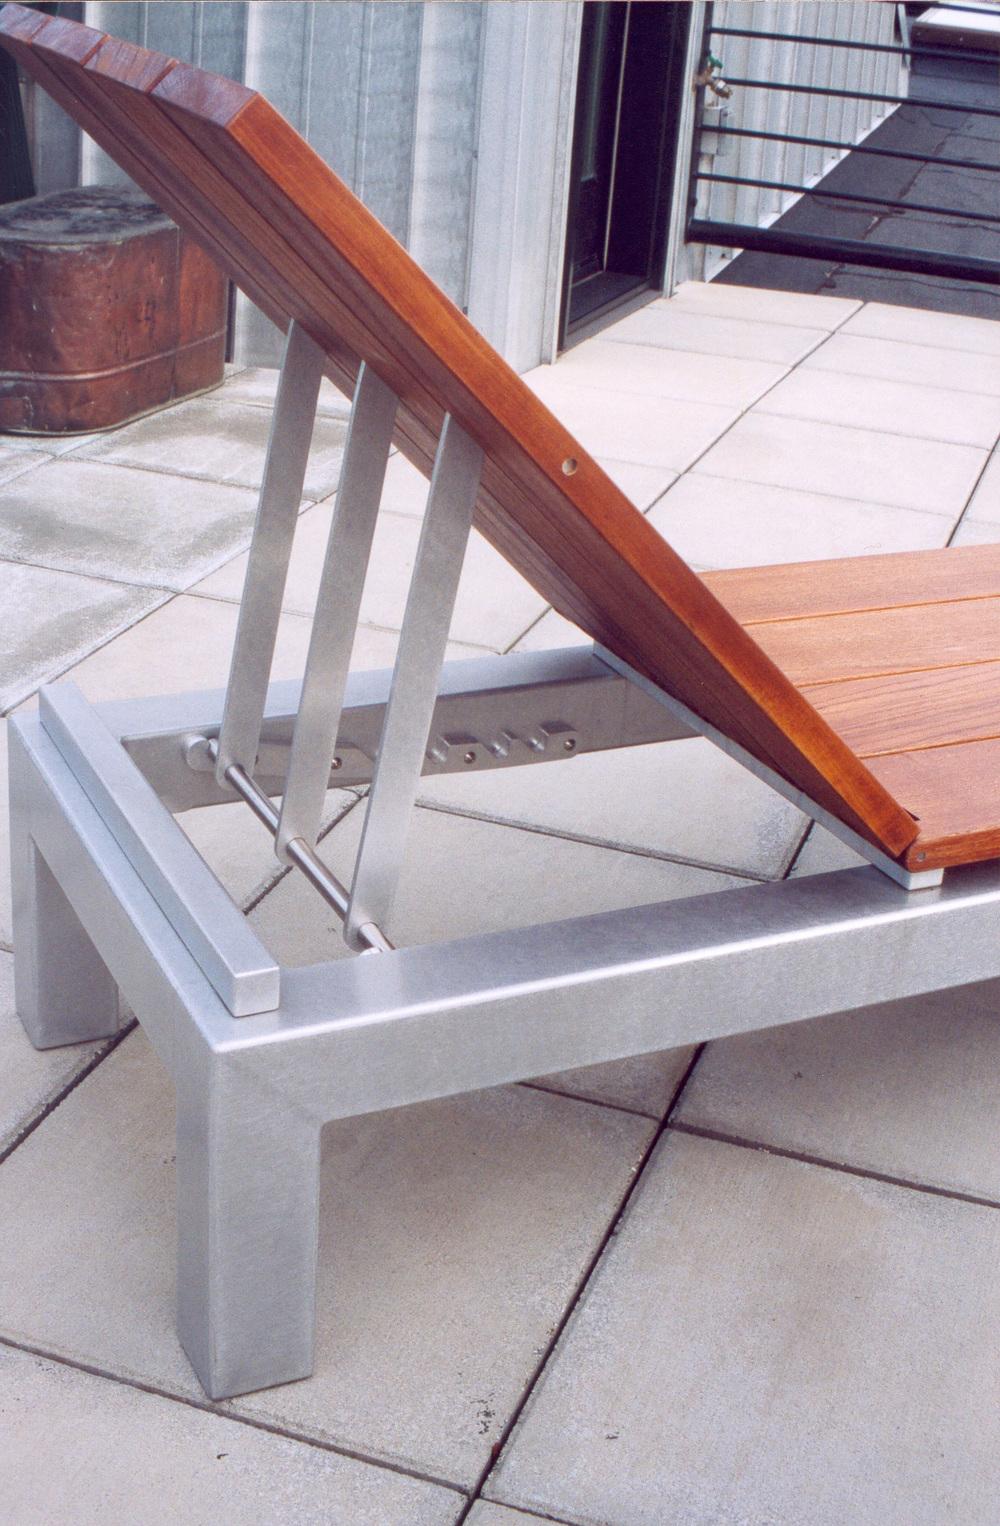 chaise_detail.jpg